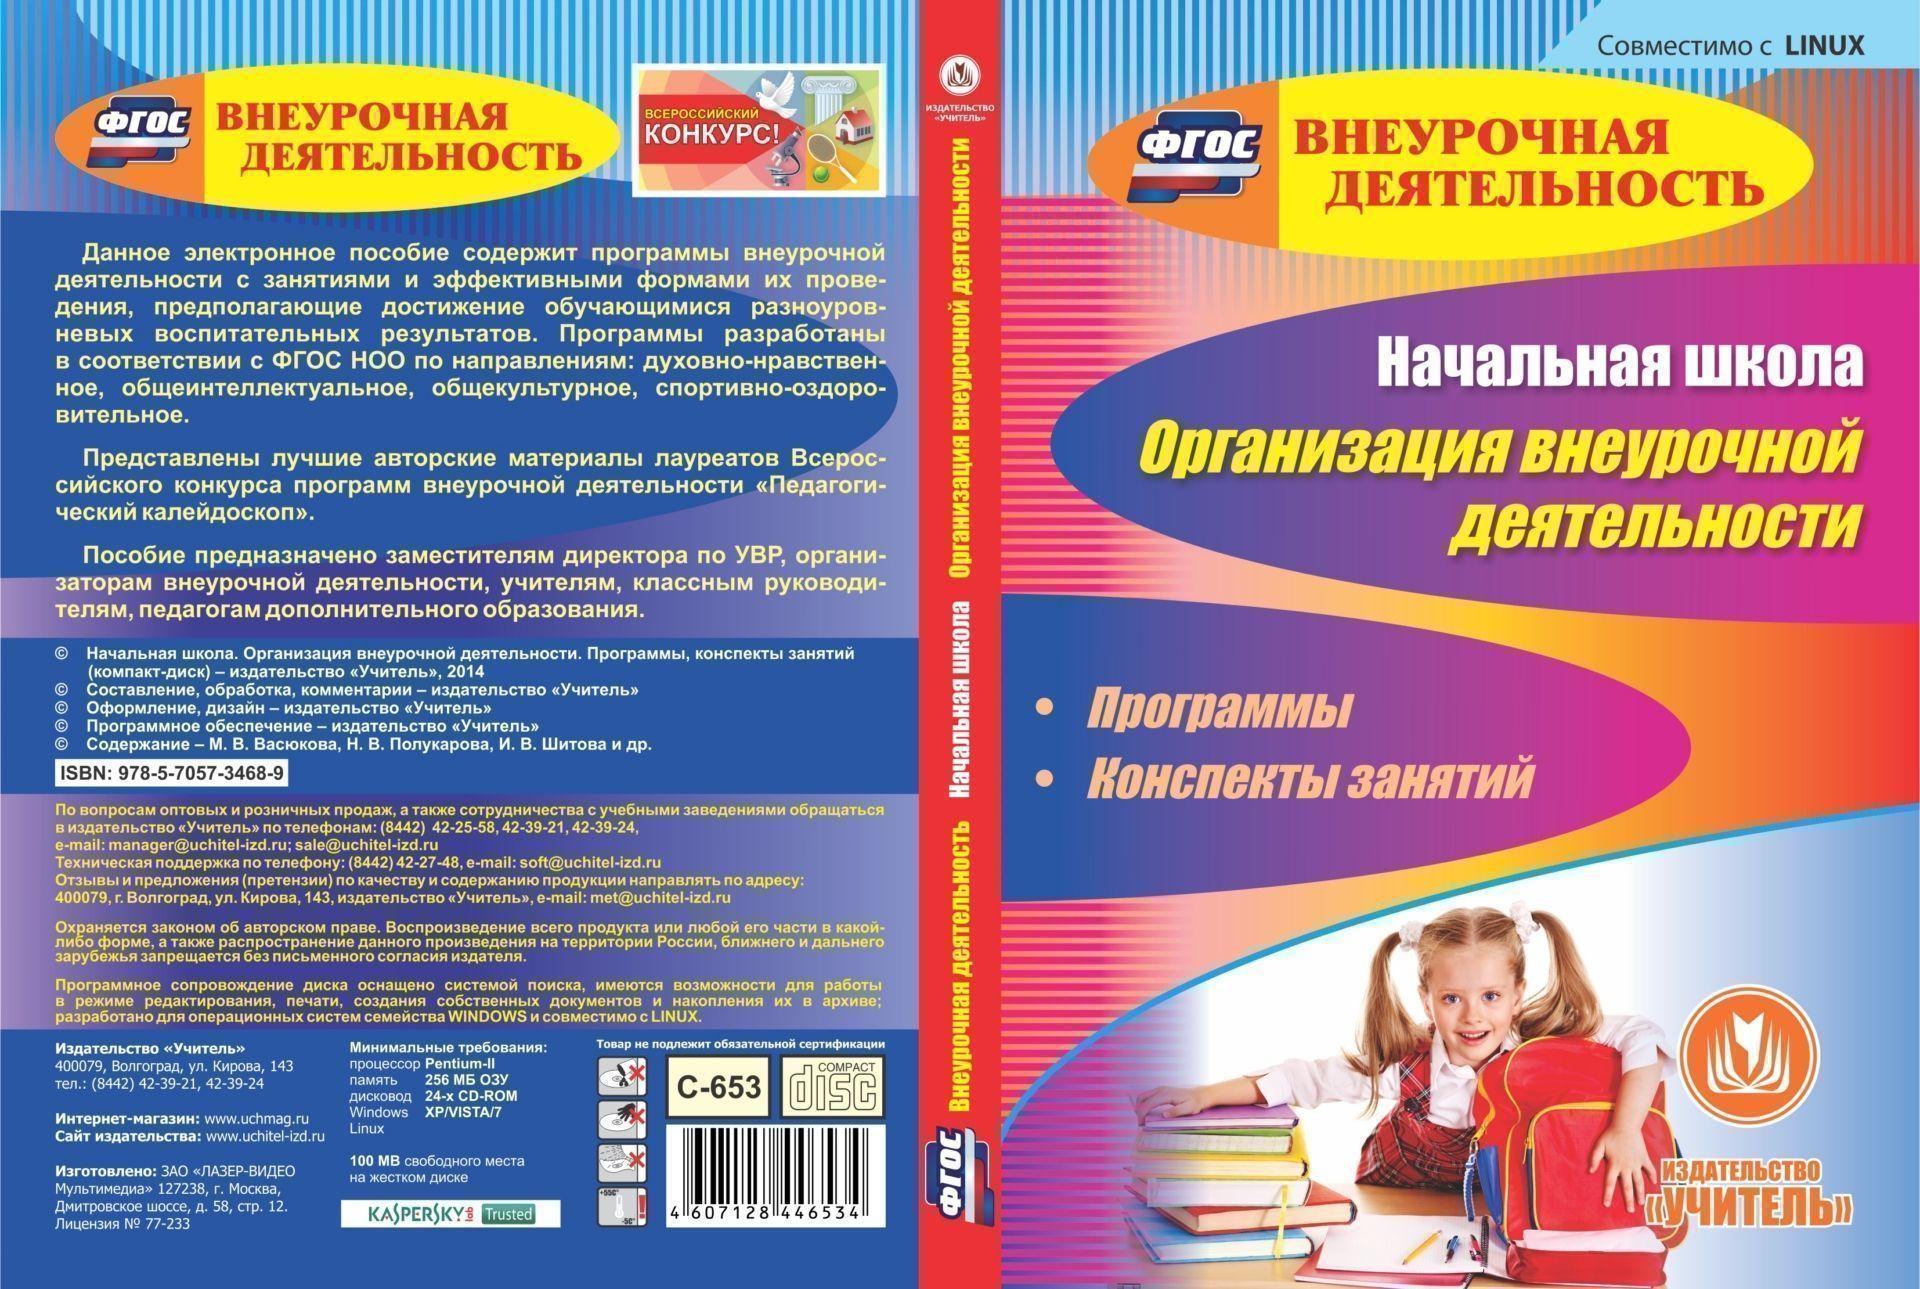 Начальная школа. Организация внеурочной деятельности. Программы, конспекты занятий. Компакт-диск для компьютера